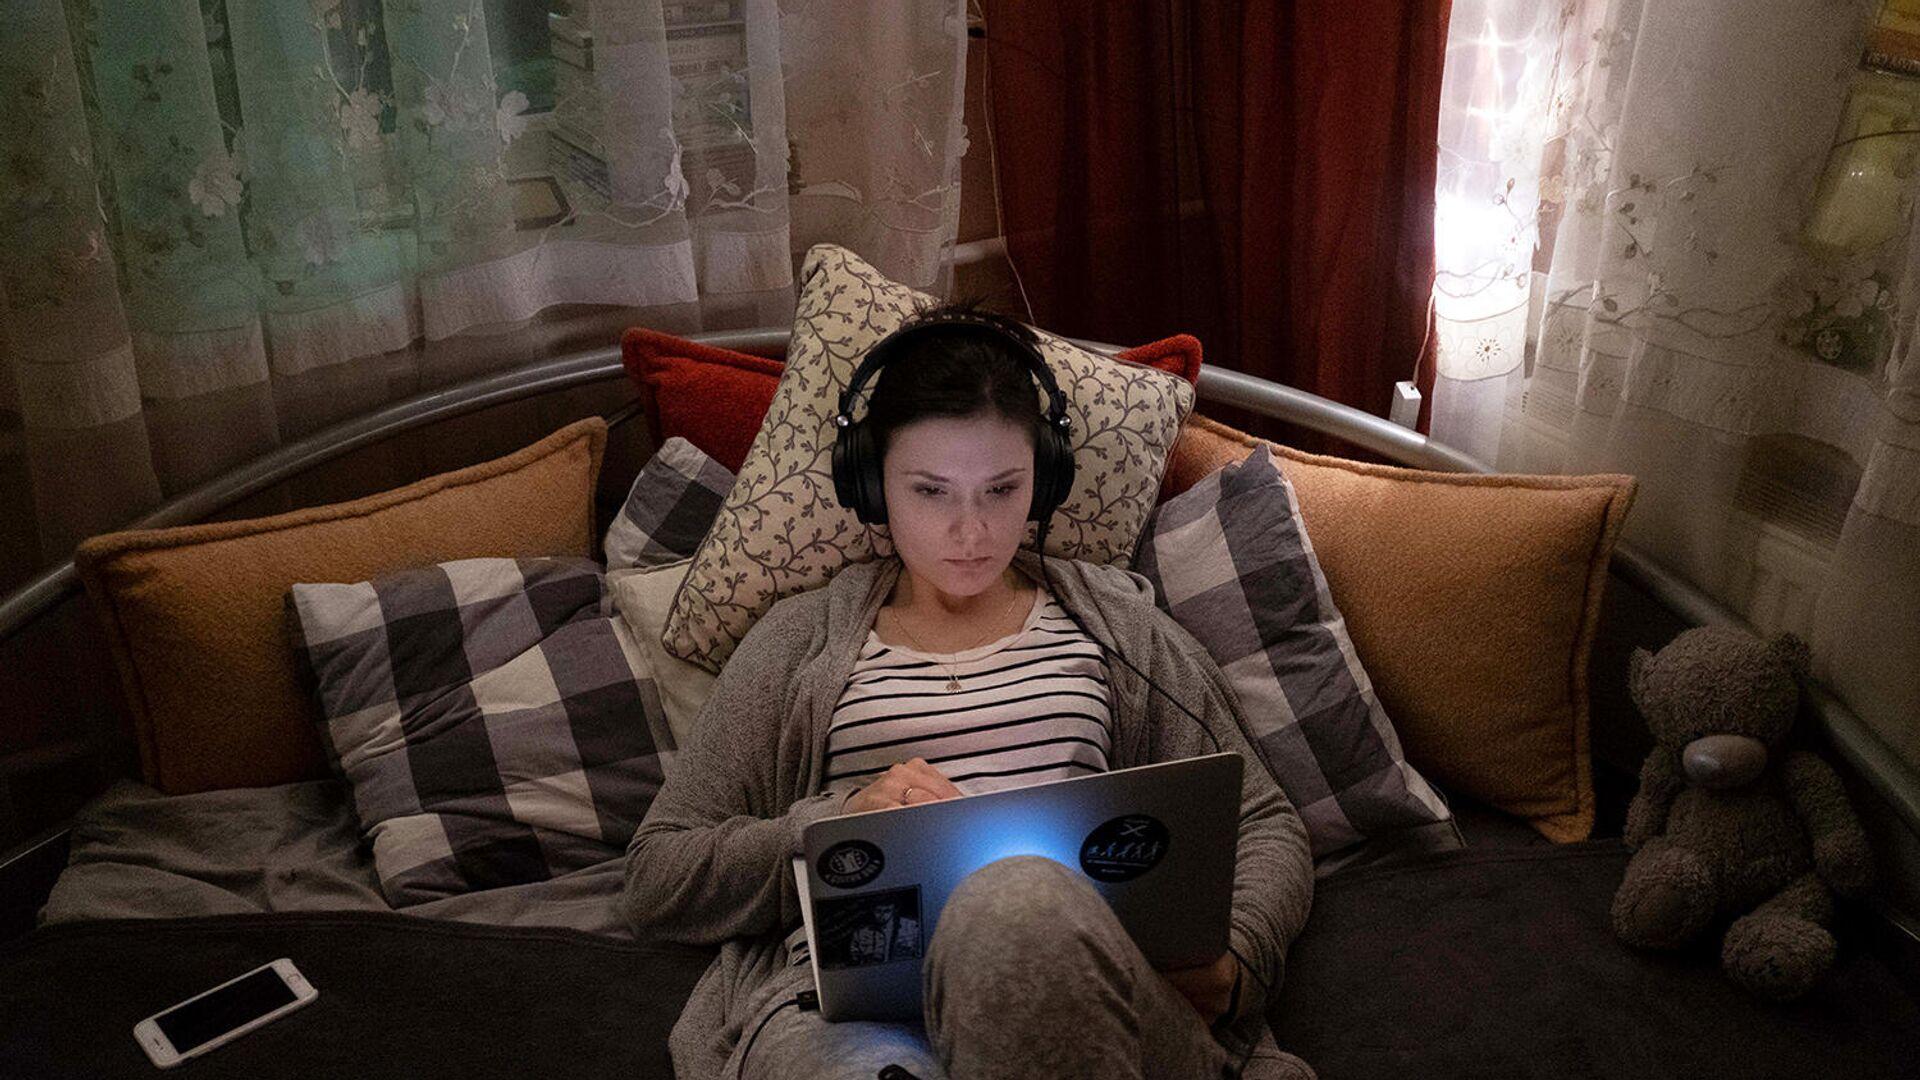 Девушка с ноутбуком во время самоизоляции - РИА Новости, 1920, 20.08.2020